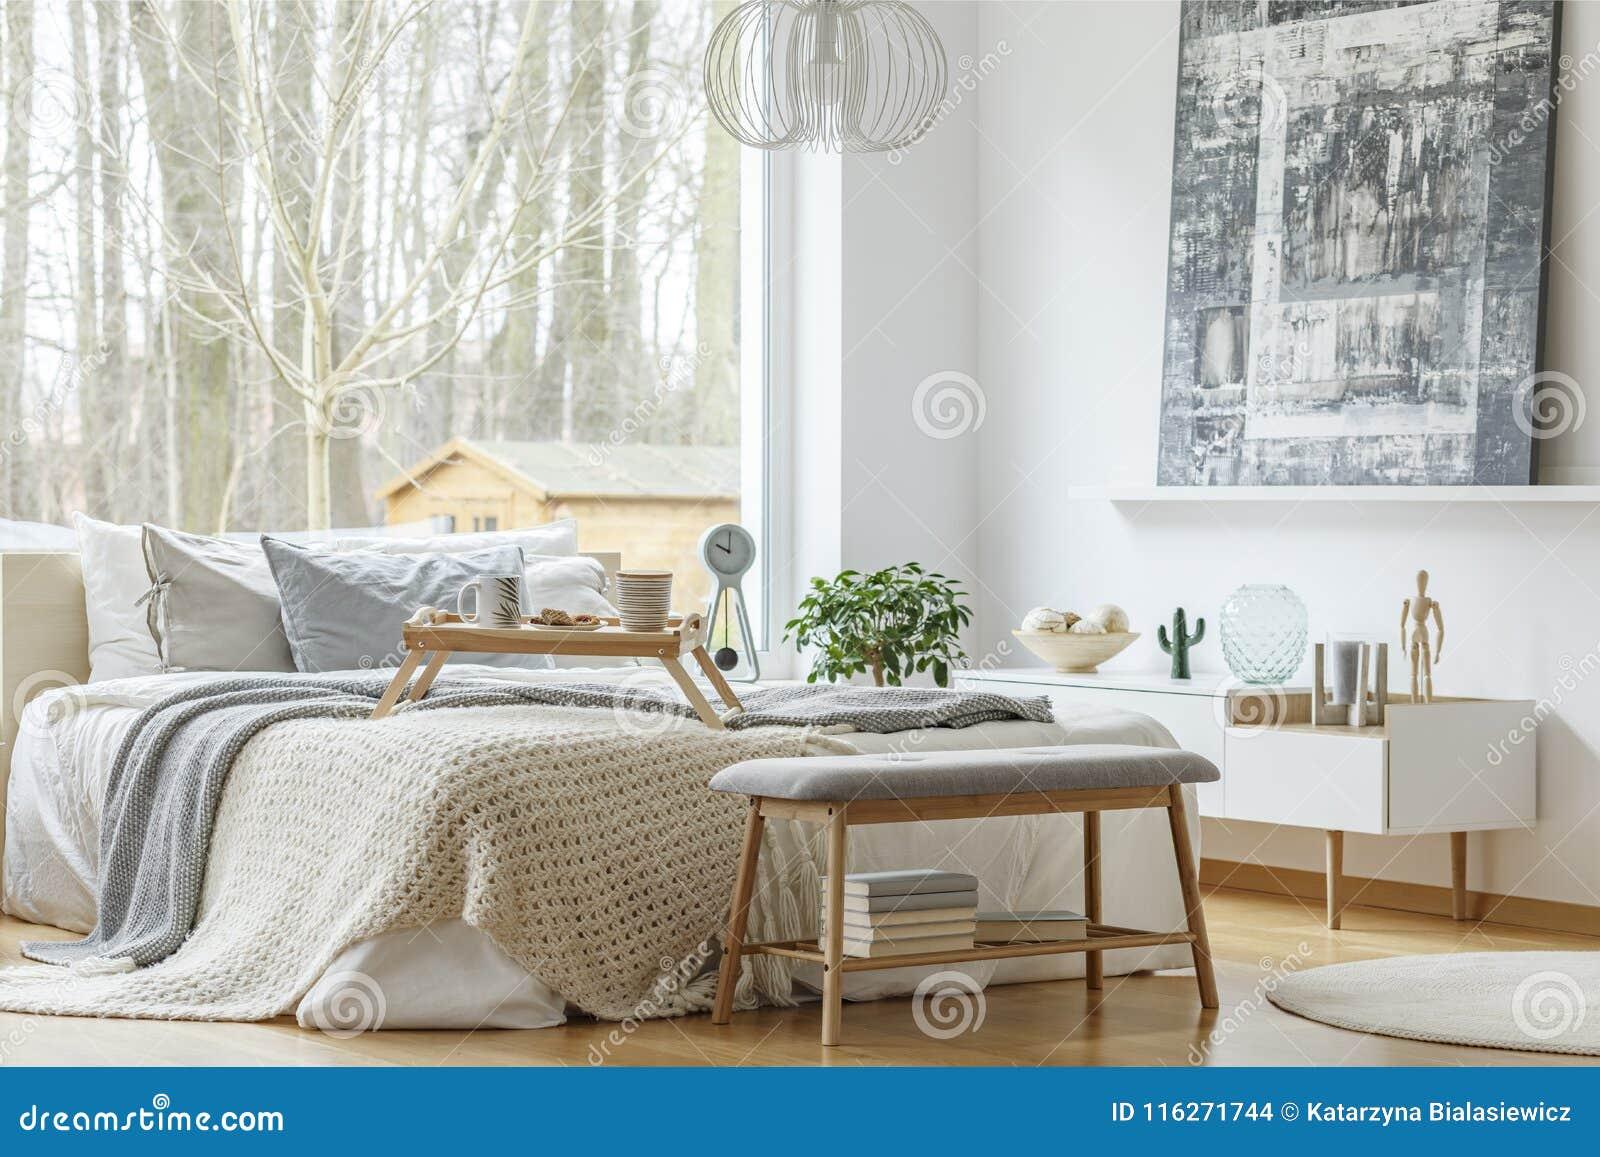 Chambre A Coucher Peinture Gris peinture dans l'intérieur moderne de chambre à coucher photo